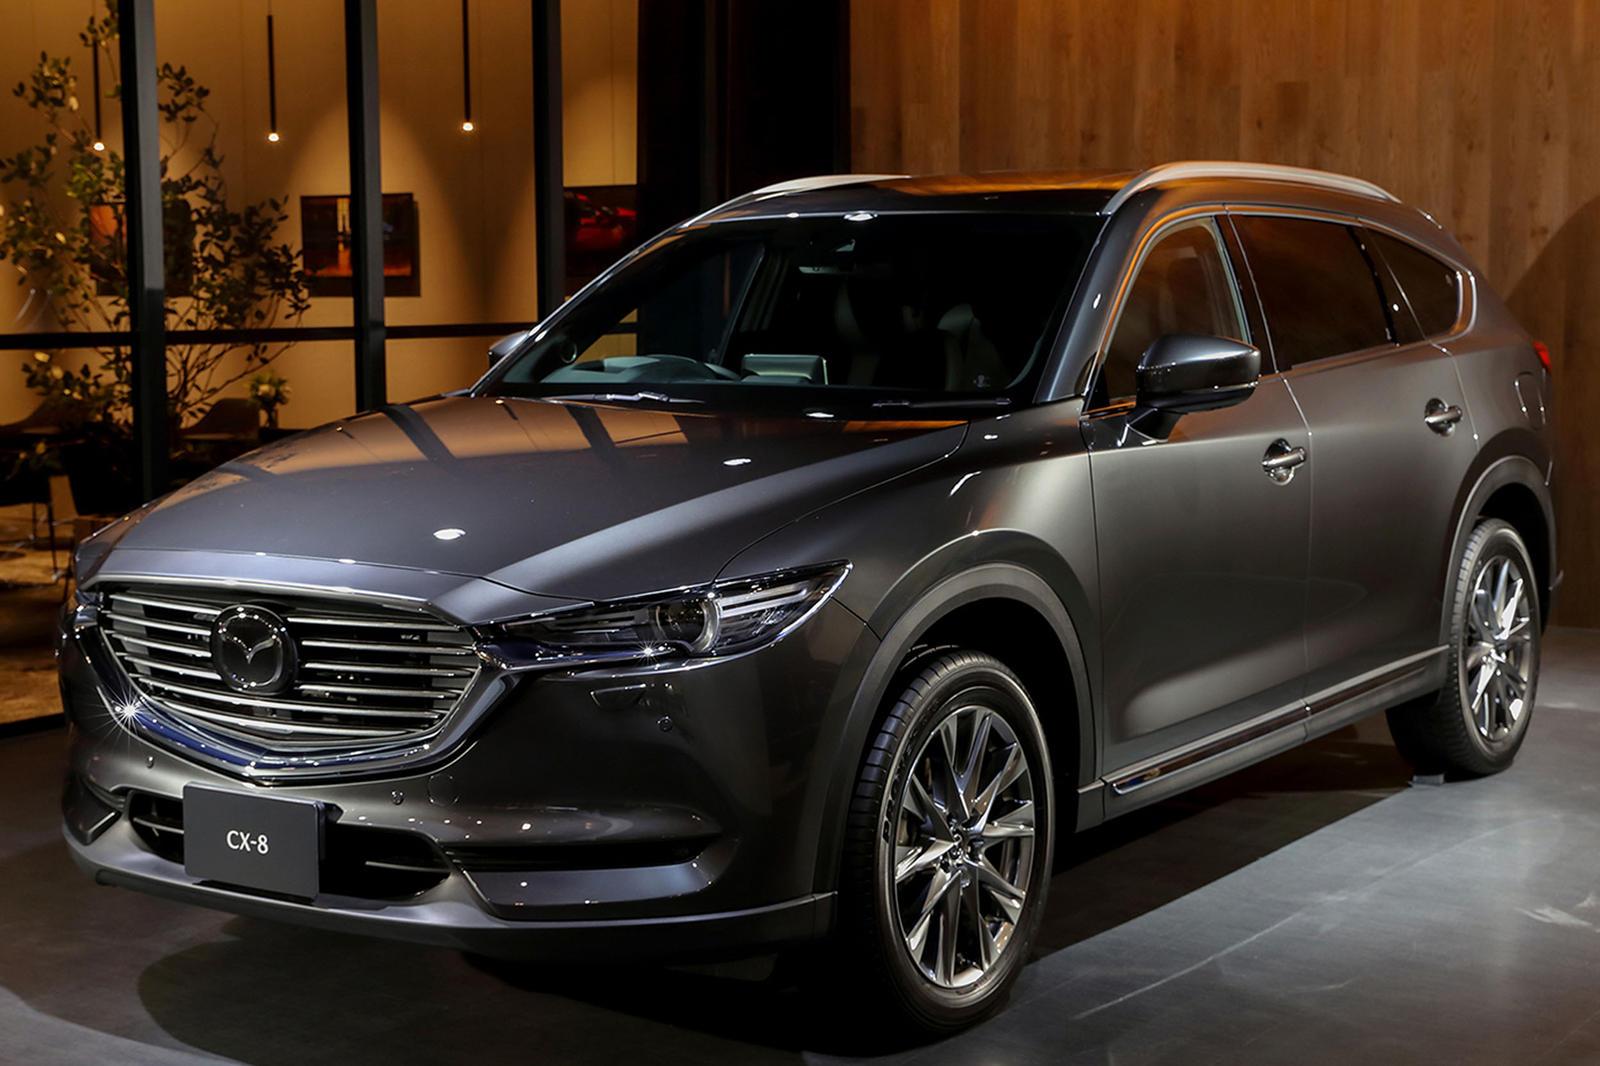 Kelebihan Kekurangan Mazda 8 Perbandingan Harga